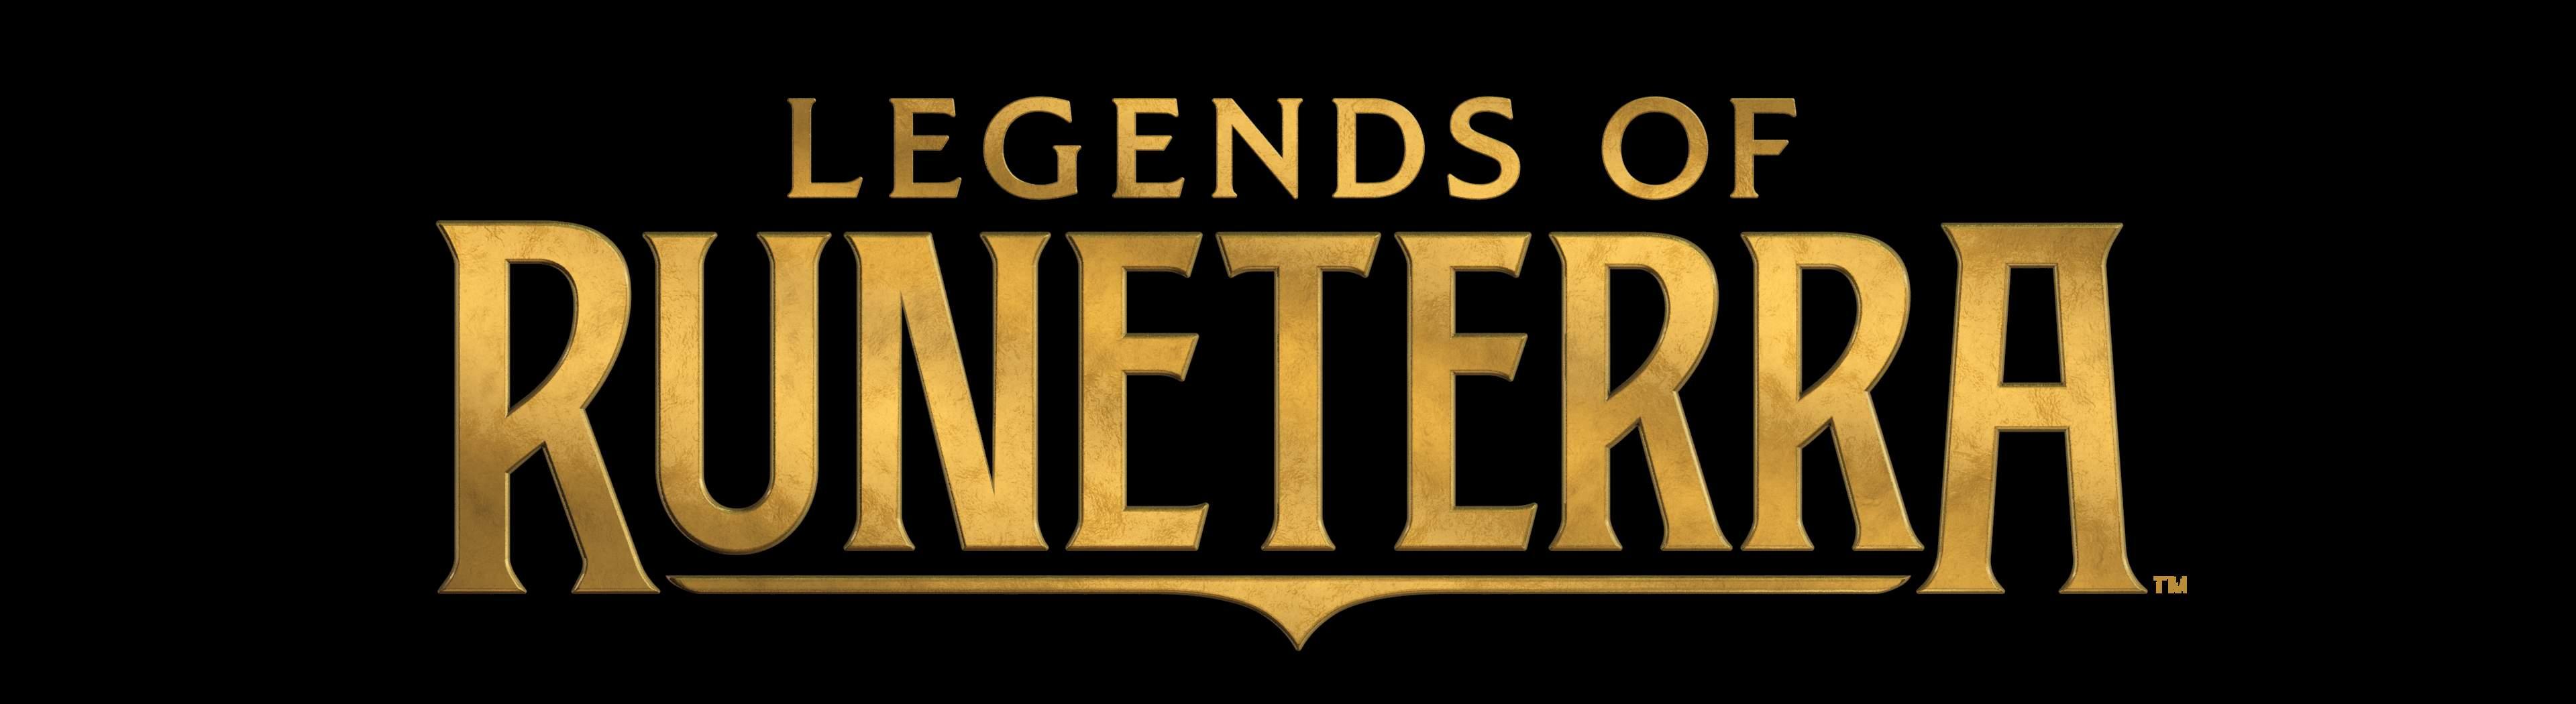 Legends of Runeterra si aggiorna con la Patch 2.8.0